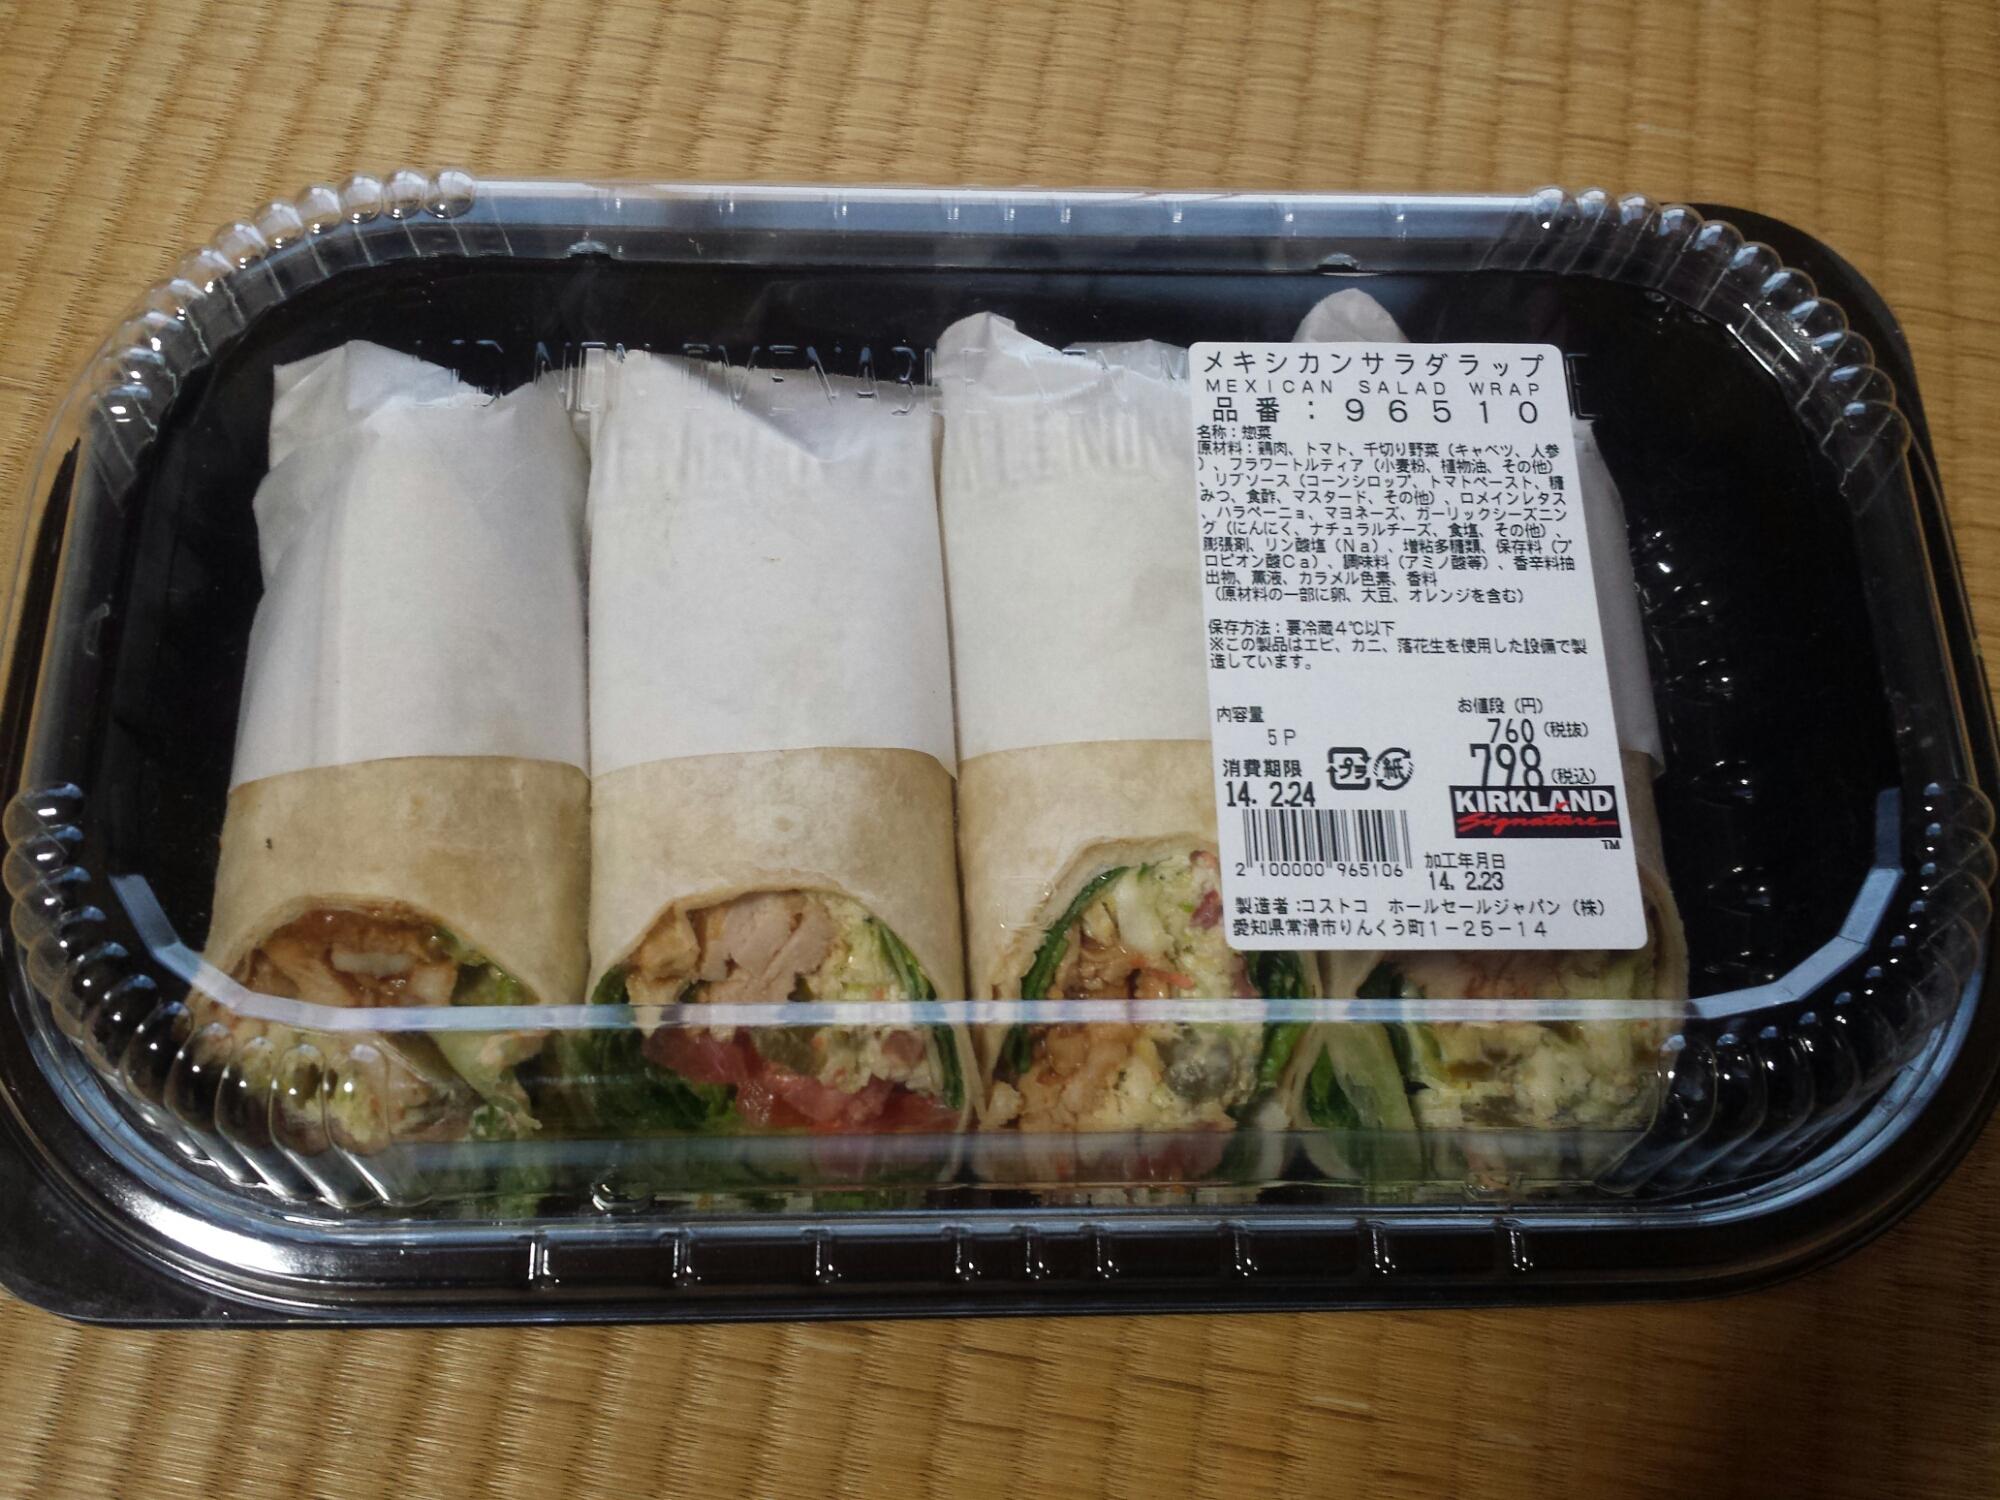 お 惣菜 コストコ コストコの惣菜を一覧でズバッとご紹介!